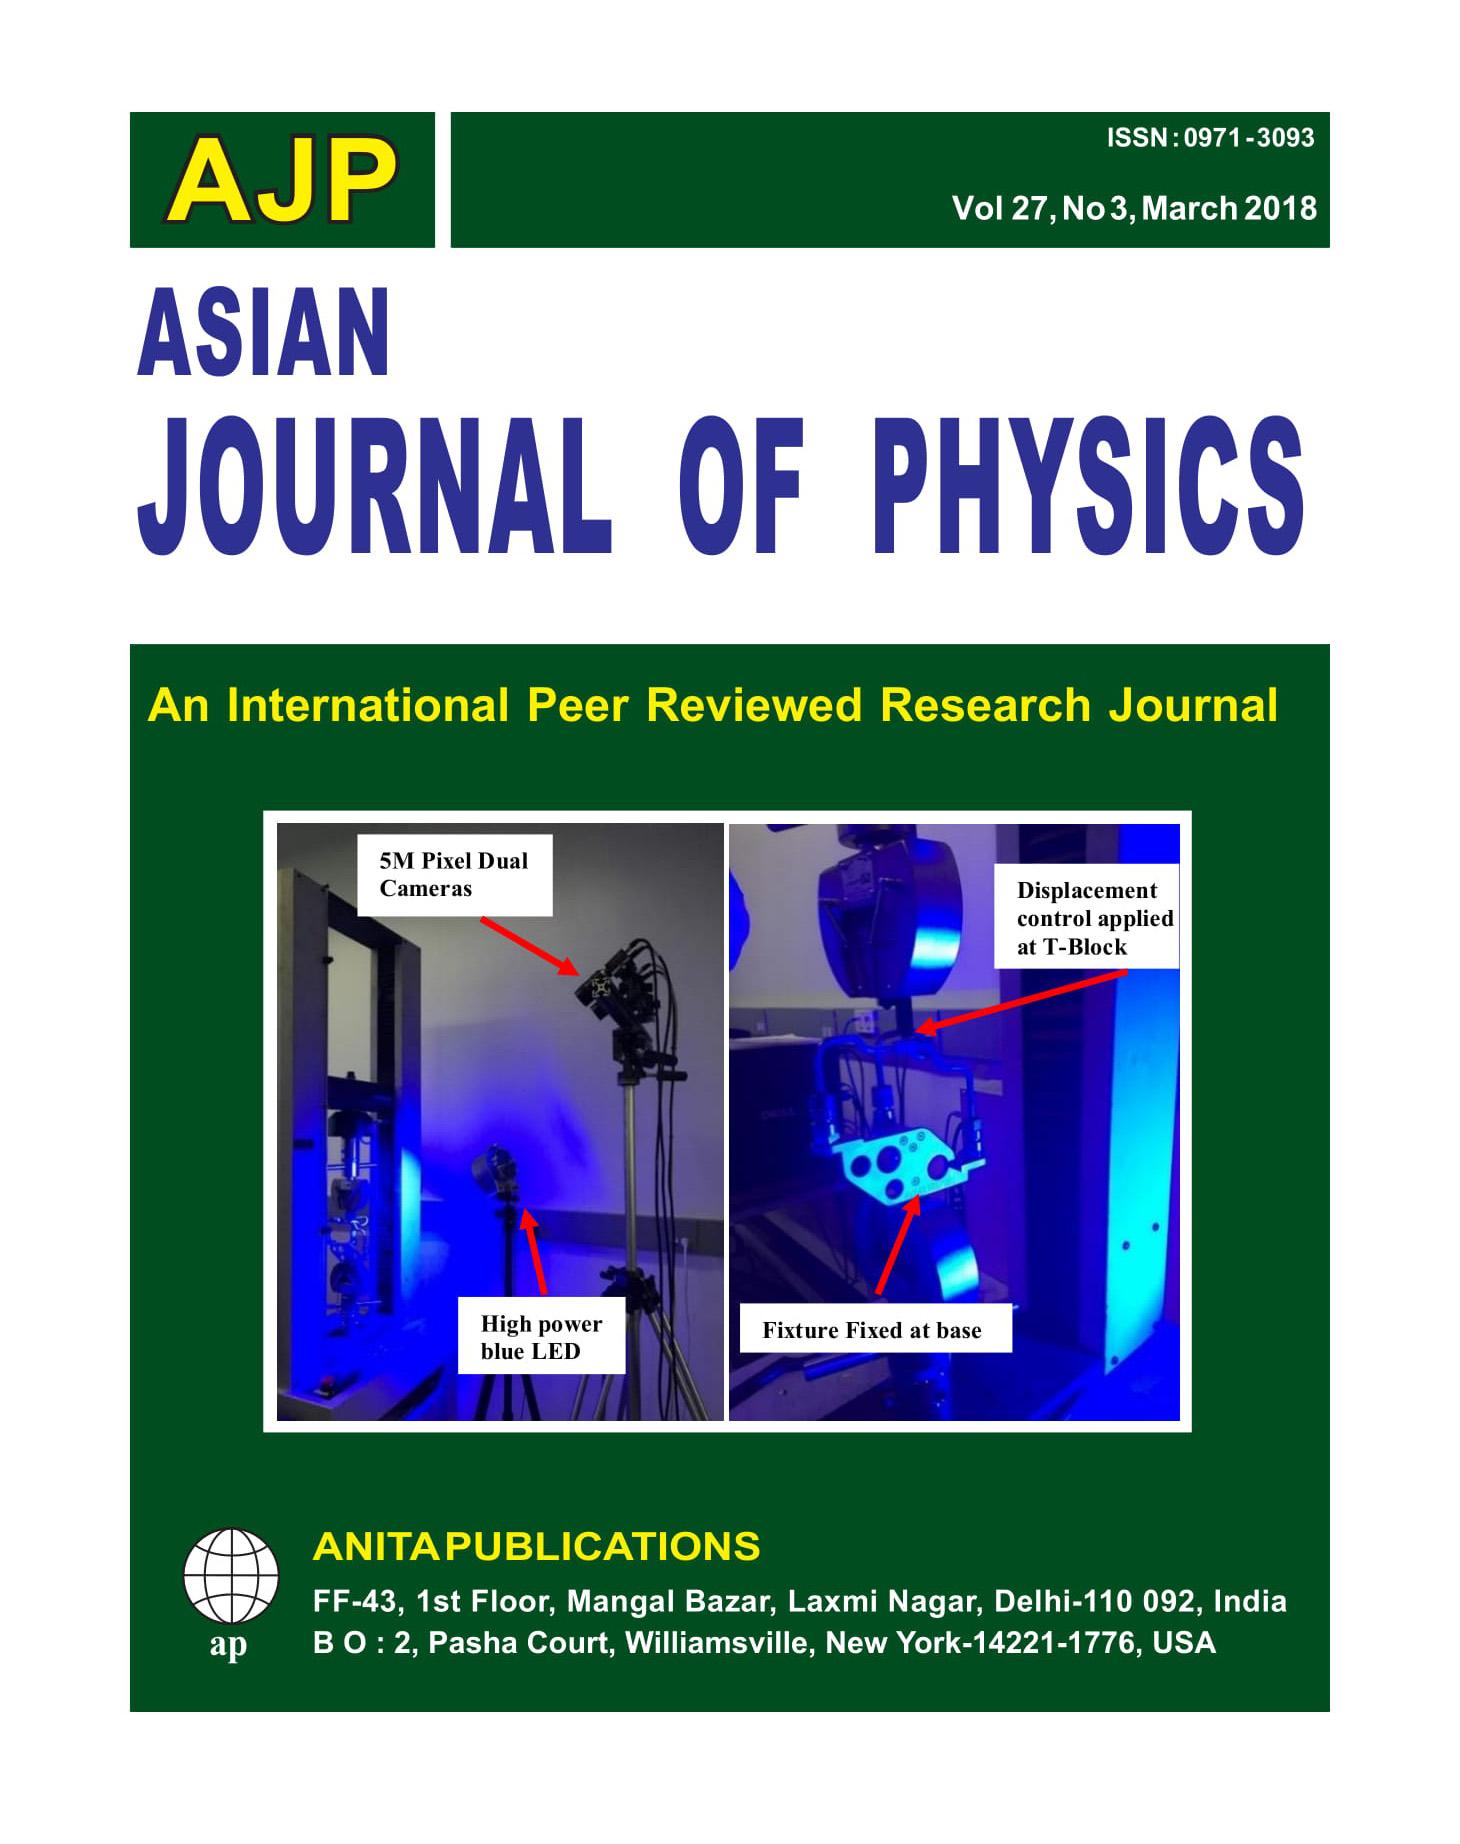 AJP Vol 27 No 3, 2018